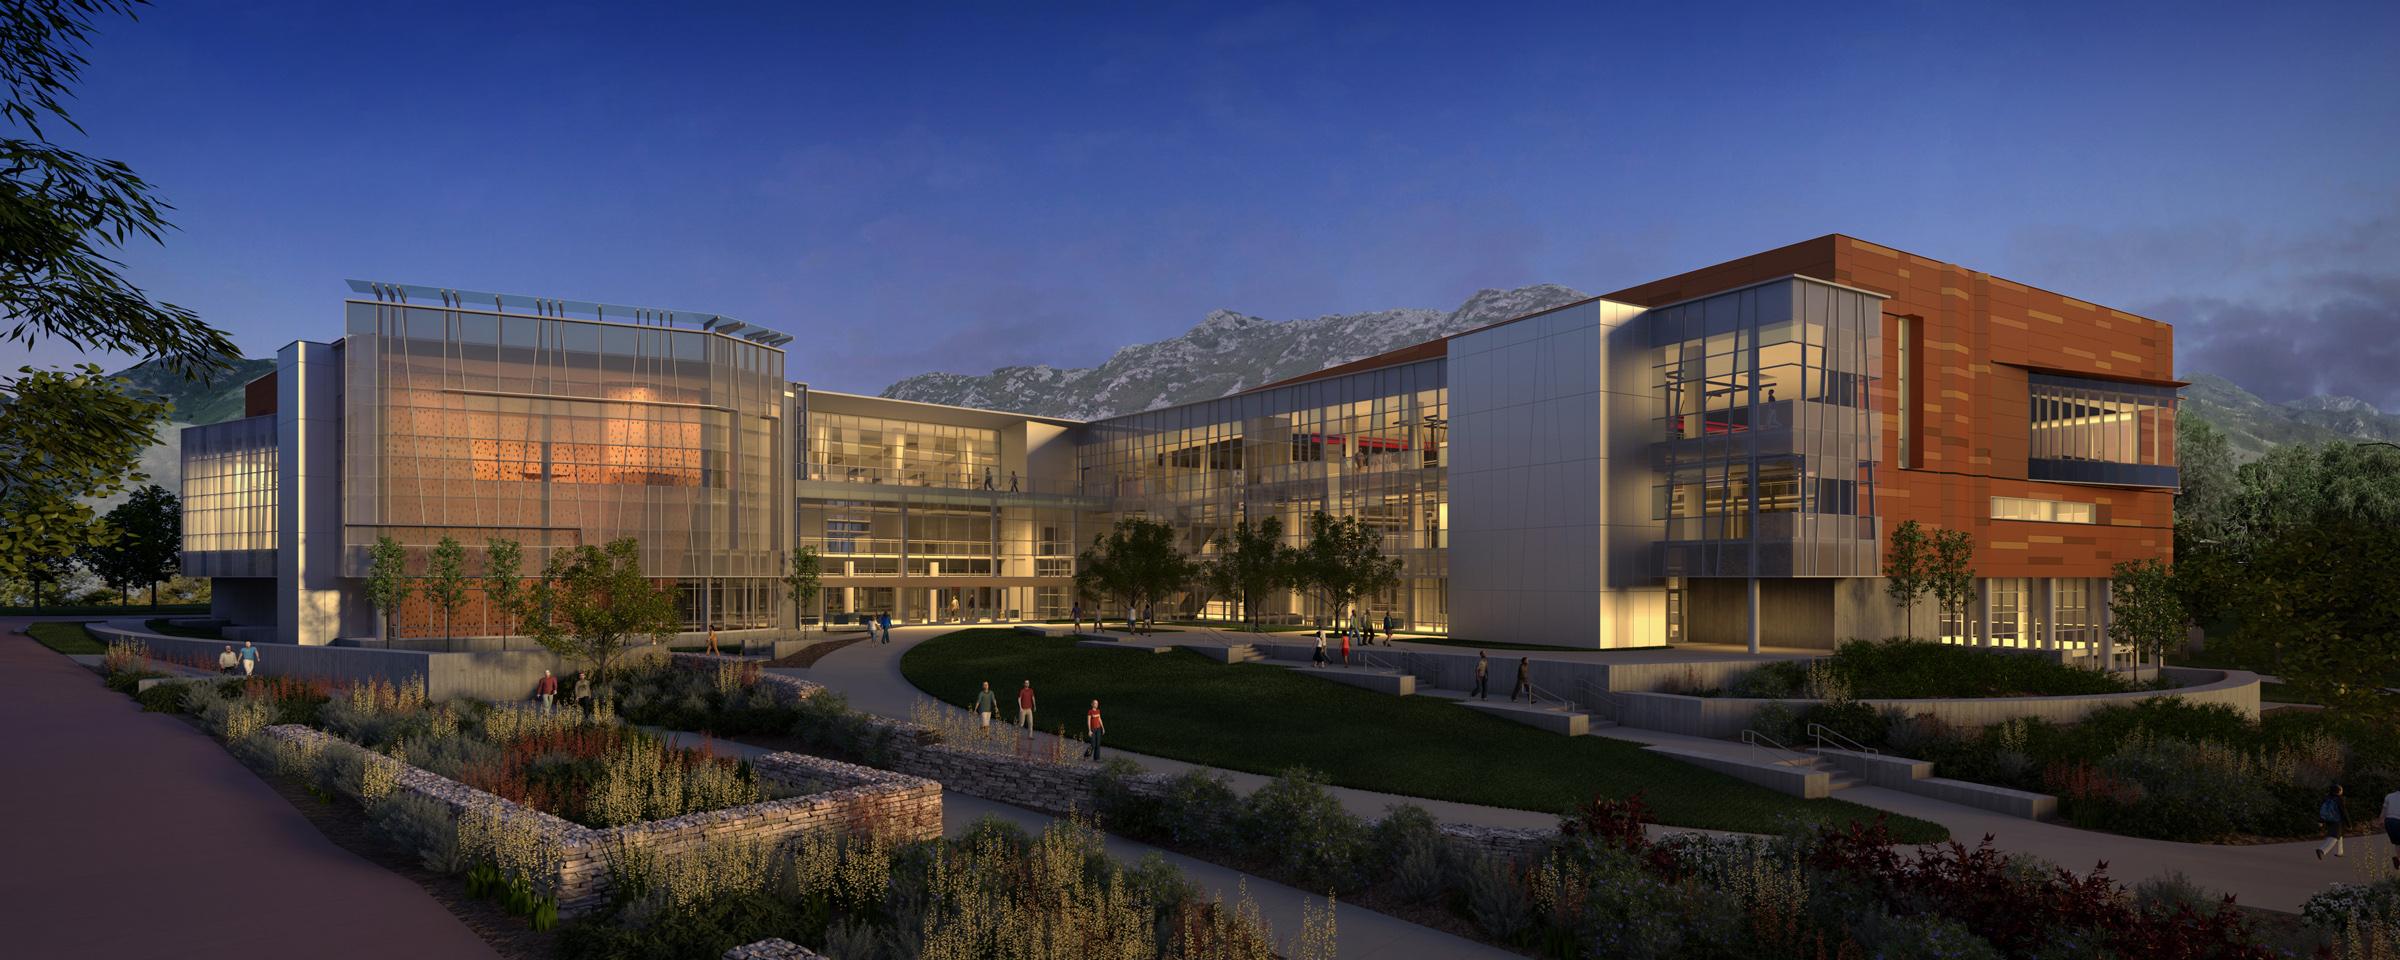 Hper Building University Of Utah